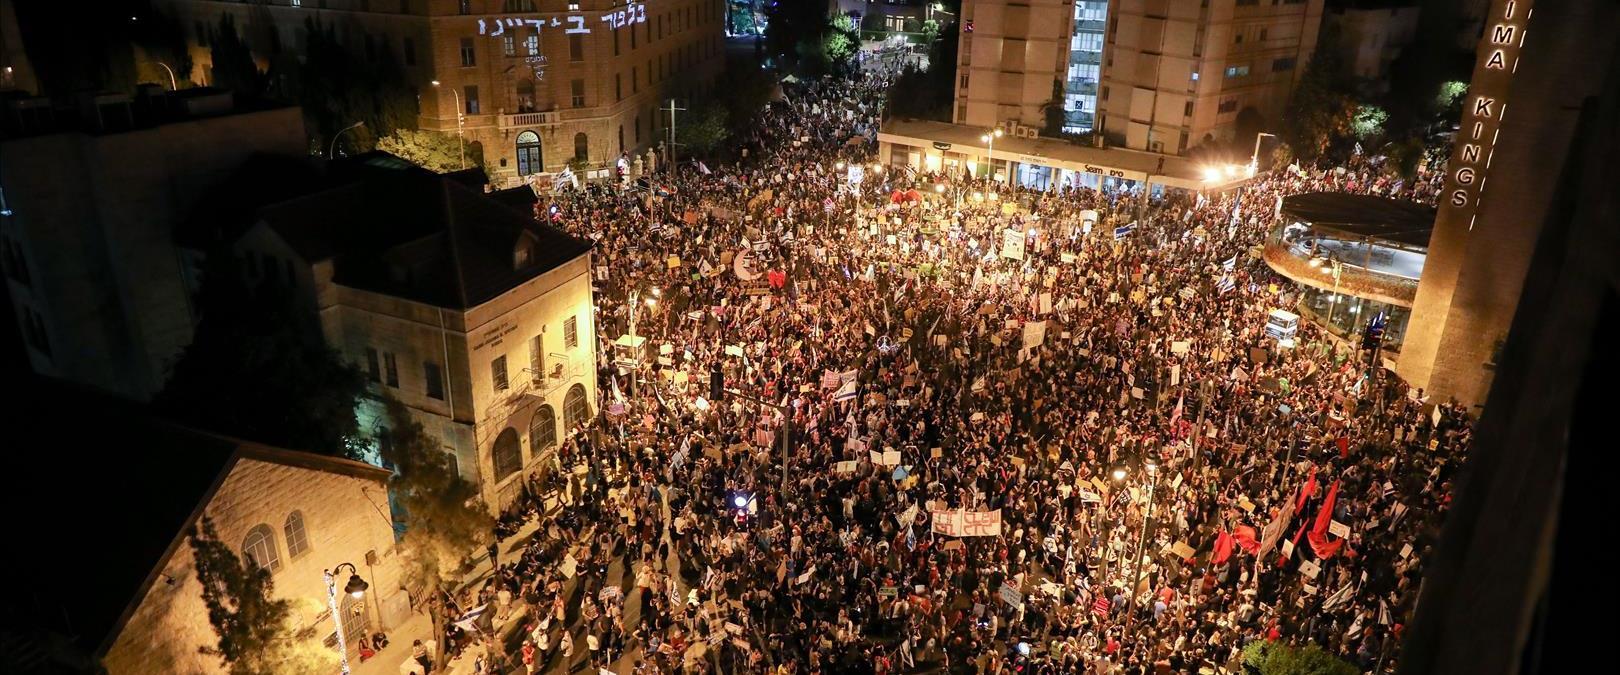 הפגנה בבלפור באוגוסט